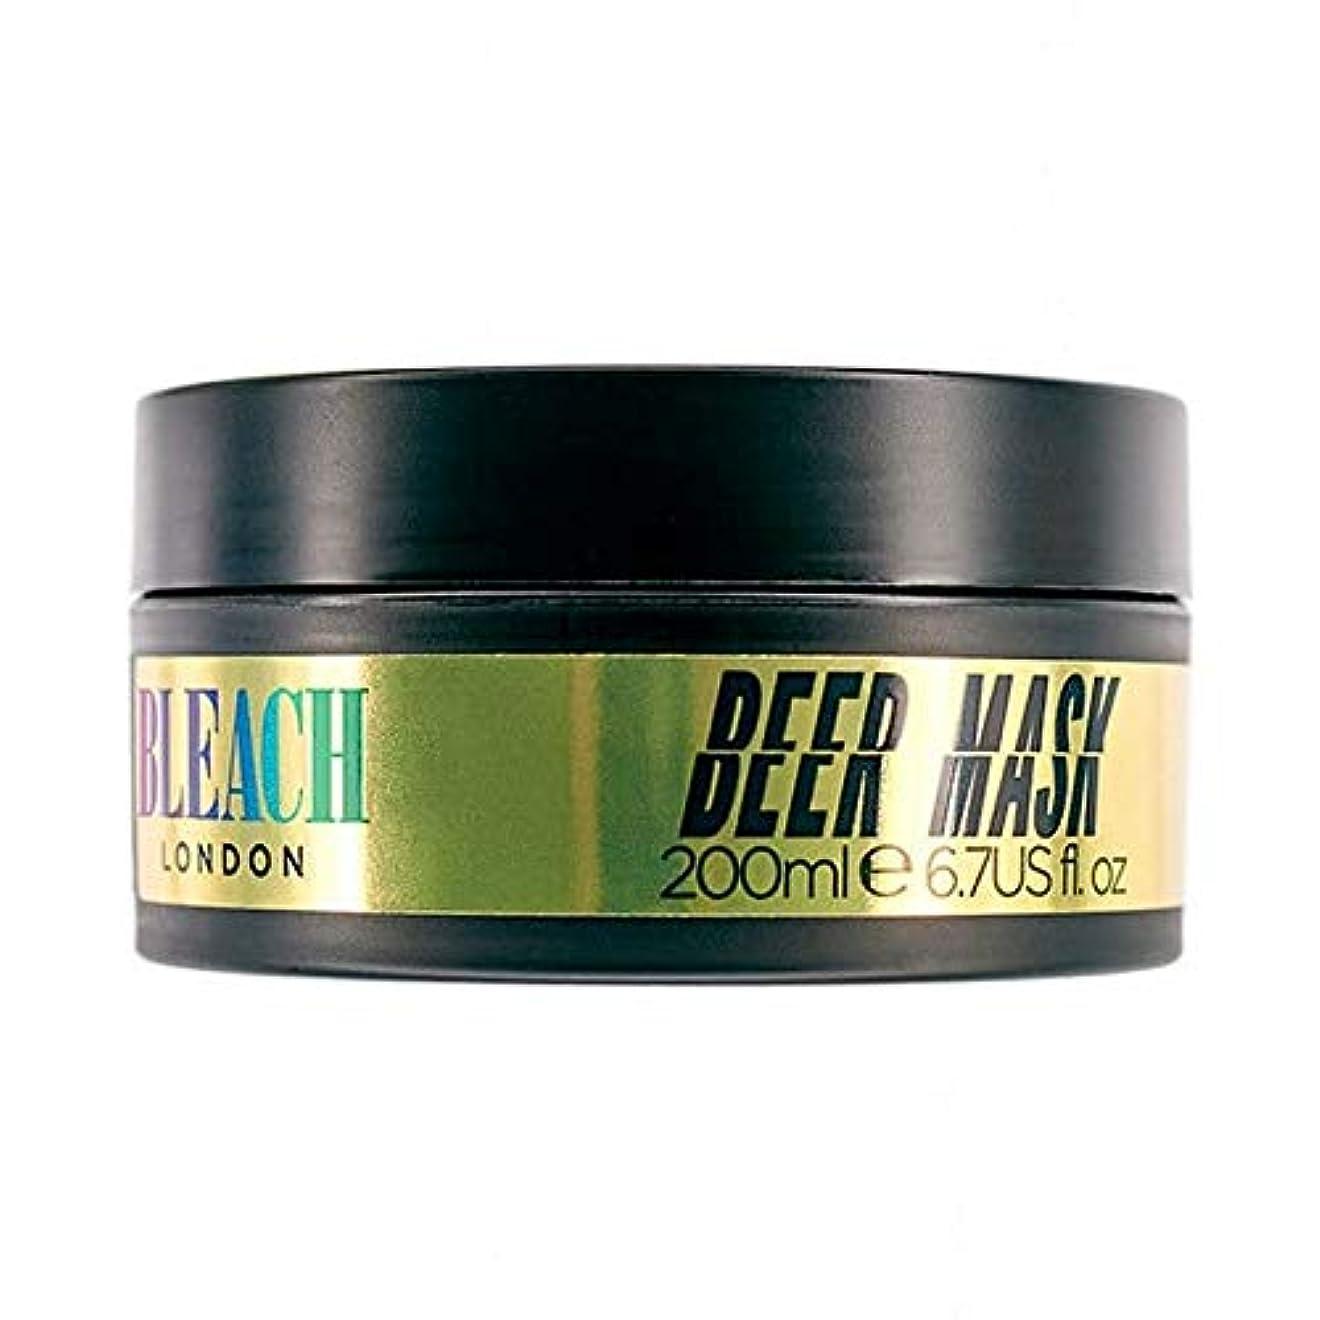 痴漢スピーチシロナガスクジラ[Bleach London ] 漂白ロンドンビールマスク200ミリリットル - Bleach London Beer Mask 200ml [並行輸入品]